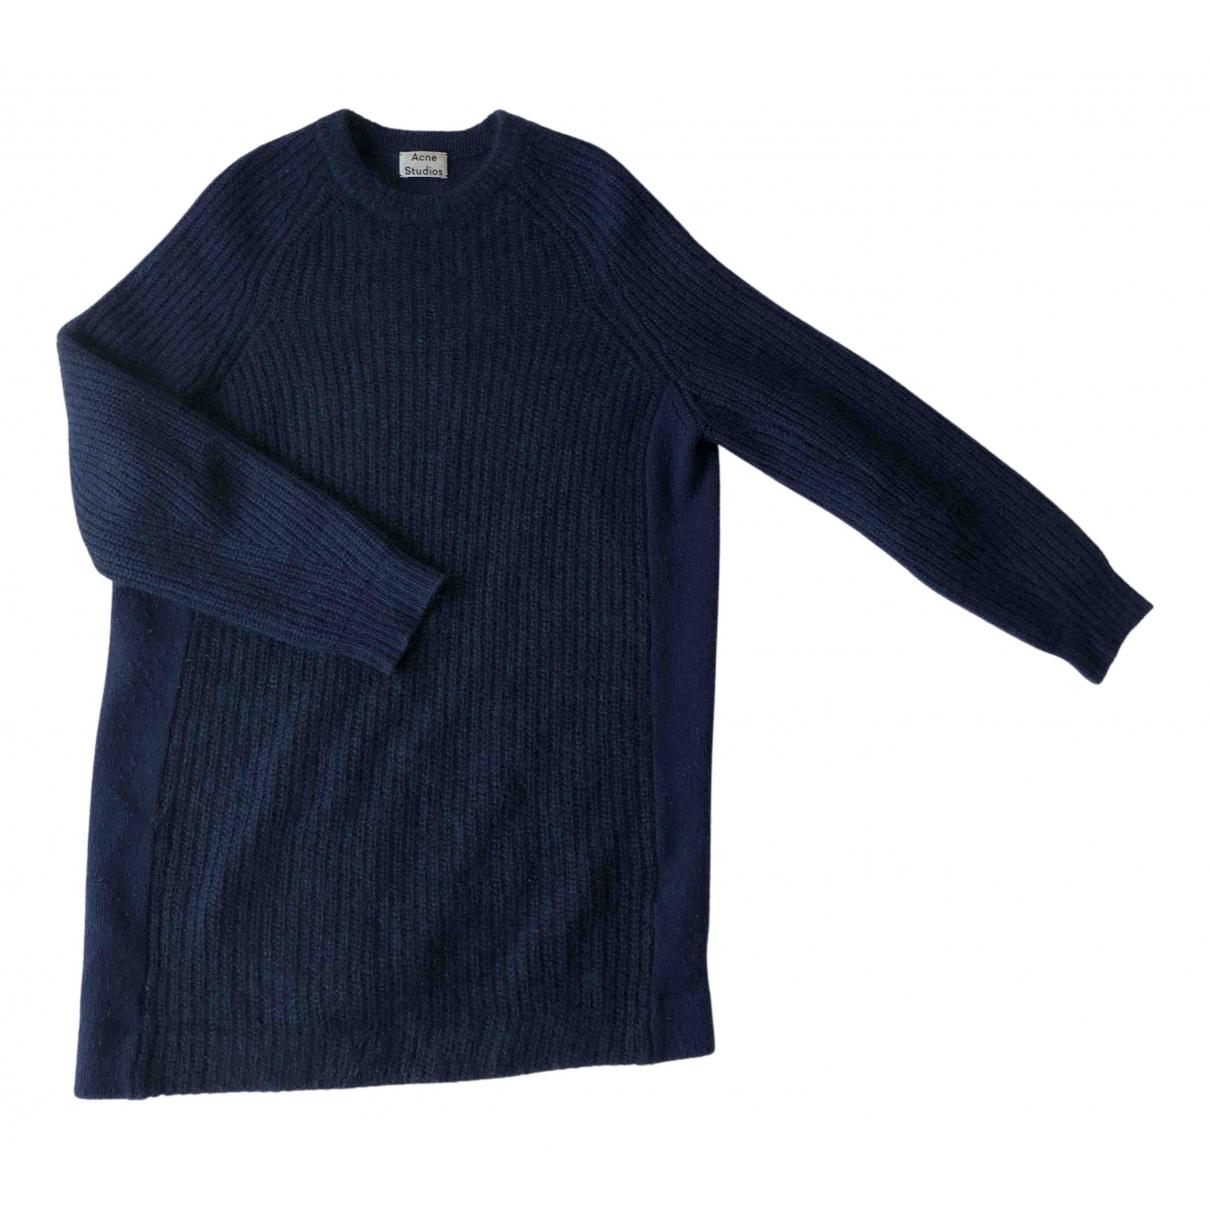 Acne Studios - Pull   pour femme en laine - marine